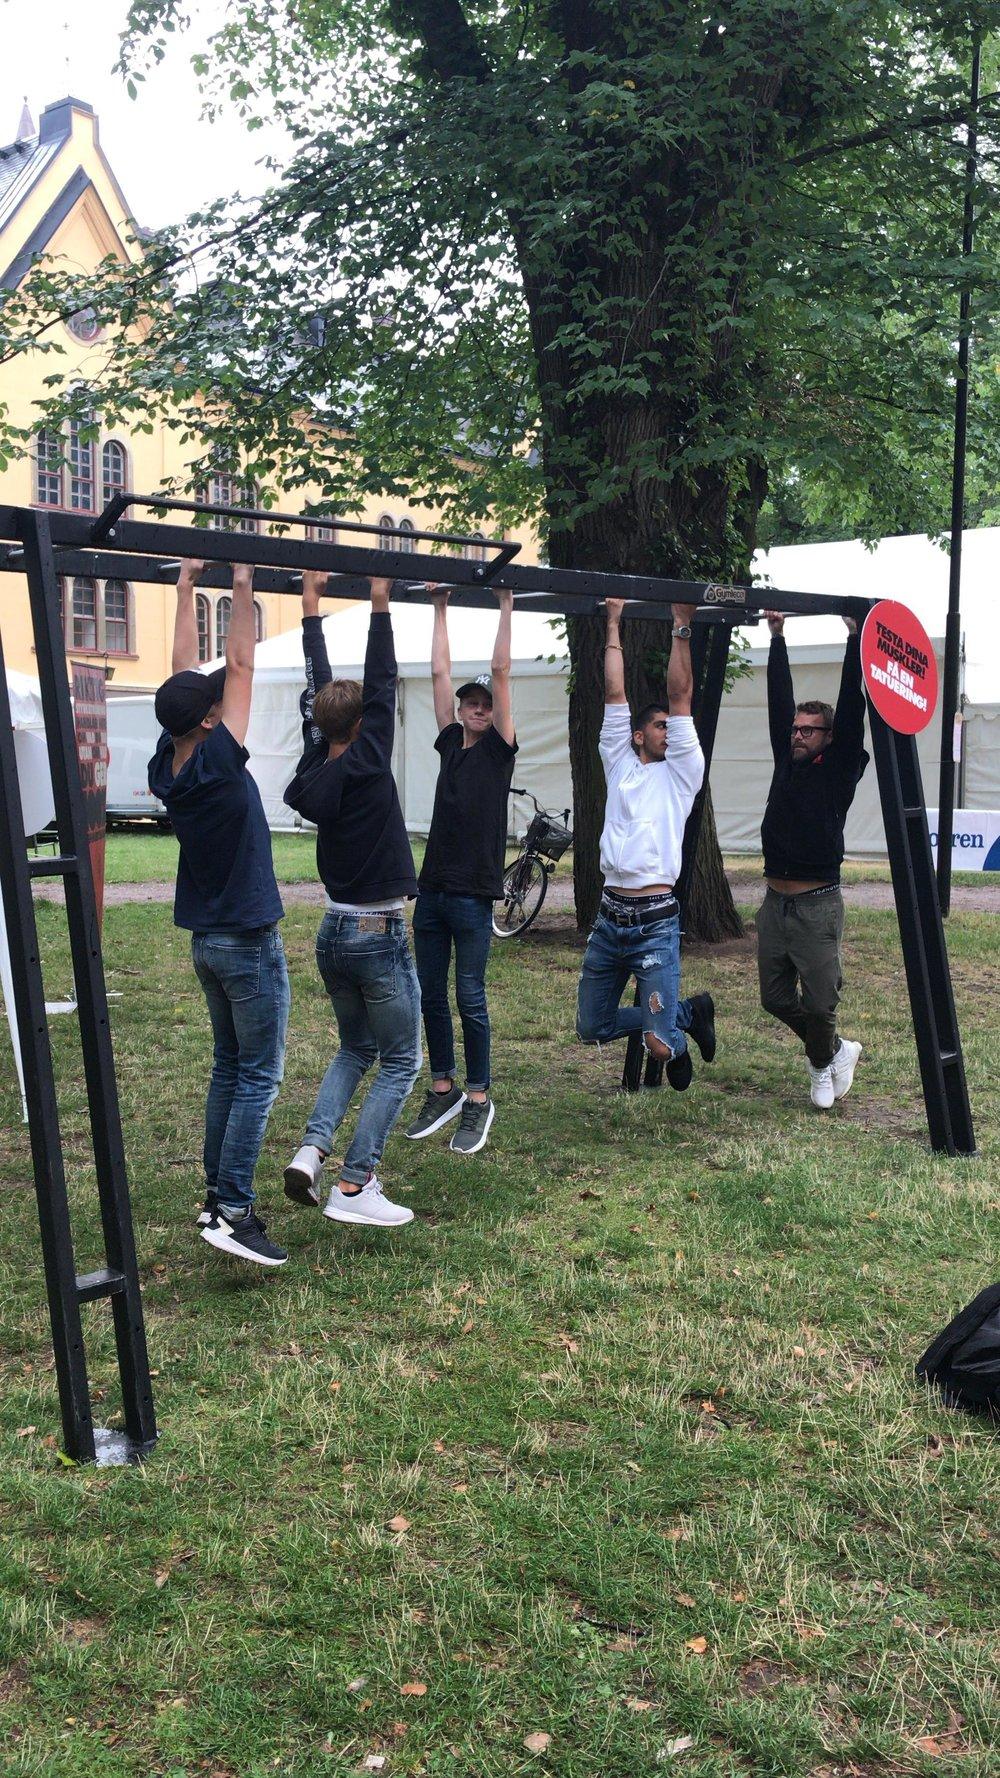 """""""Häng-tävlingen"""" är lika klassisk som krävande. Här utmanas 100% Ren Hårdtränings projektledare Johan Öhman (till höger)av ett gäng lokala förmågor. Sannolikt var projektledaren chanslös, trots misstänkt markkontakt."""